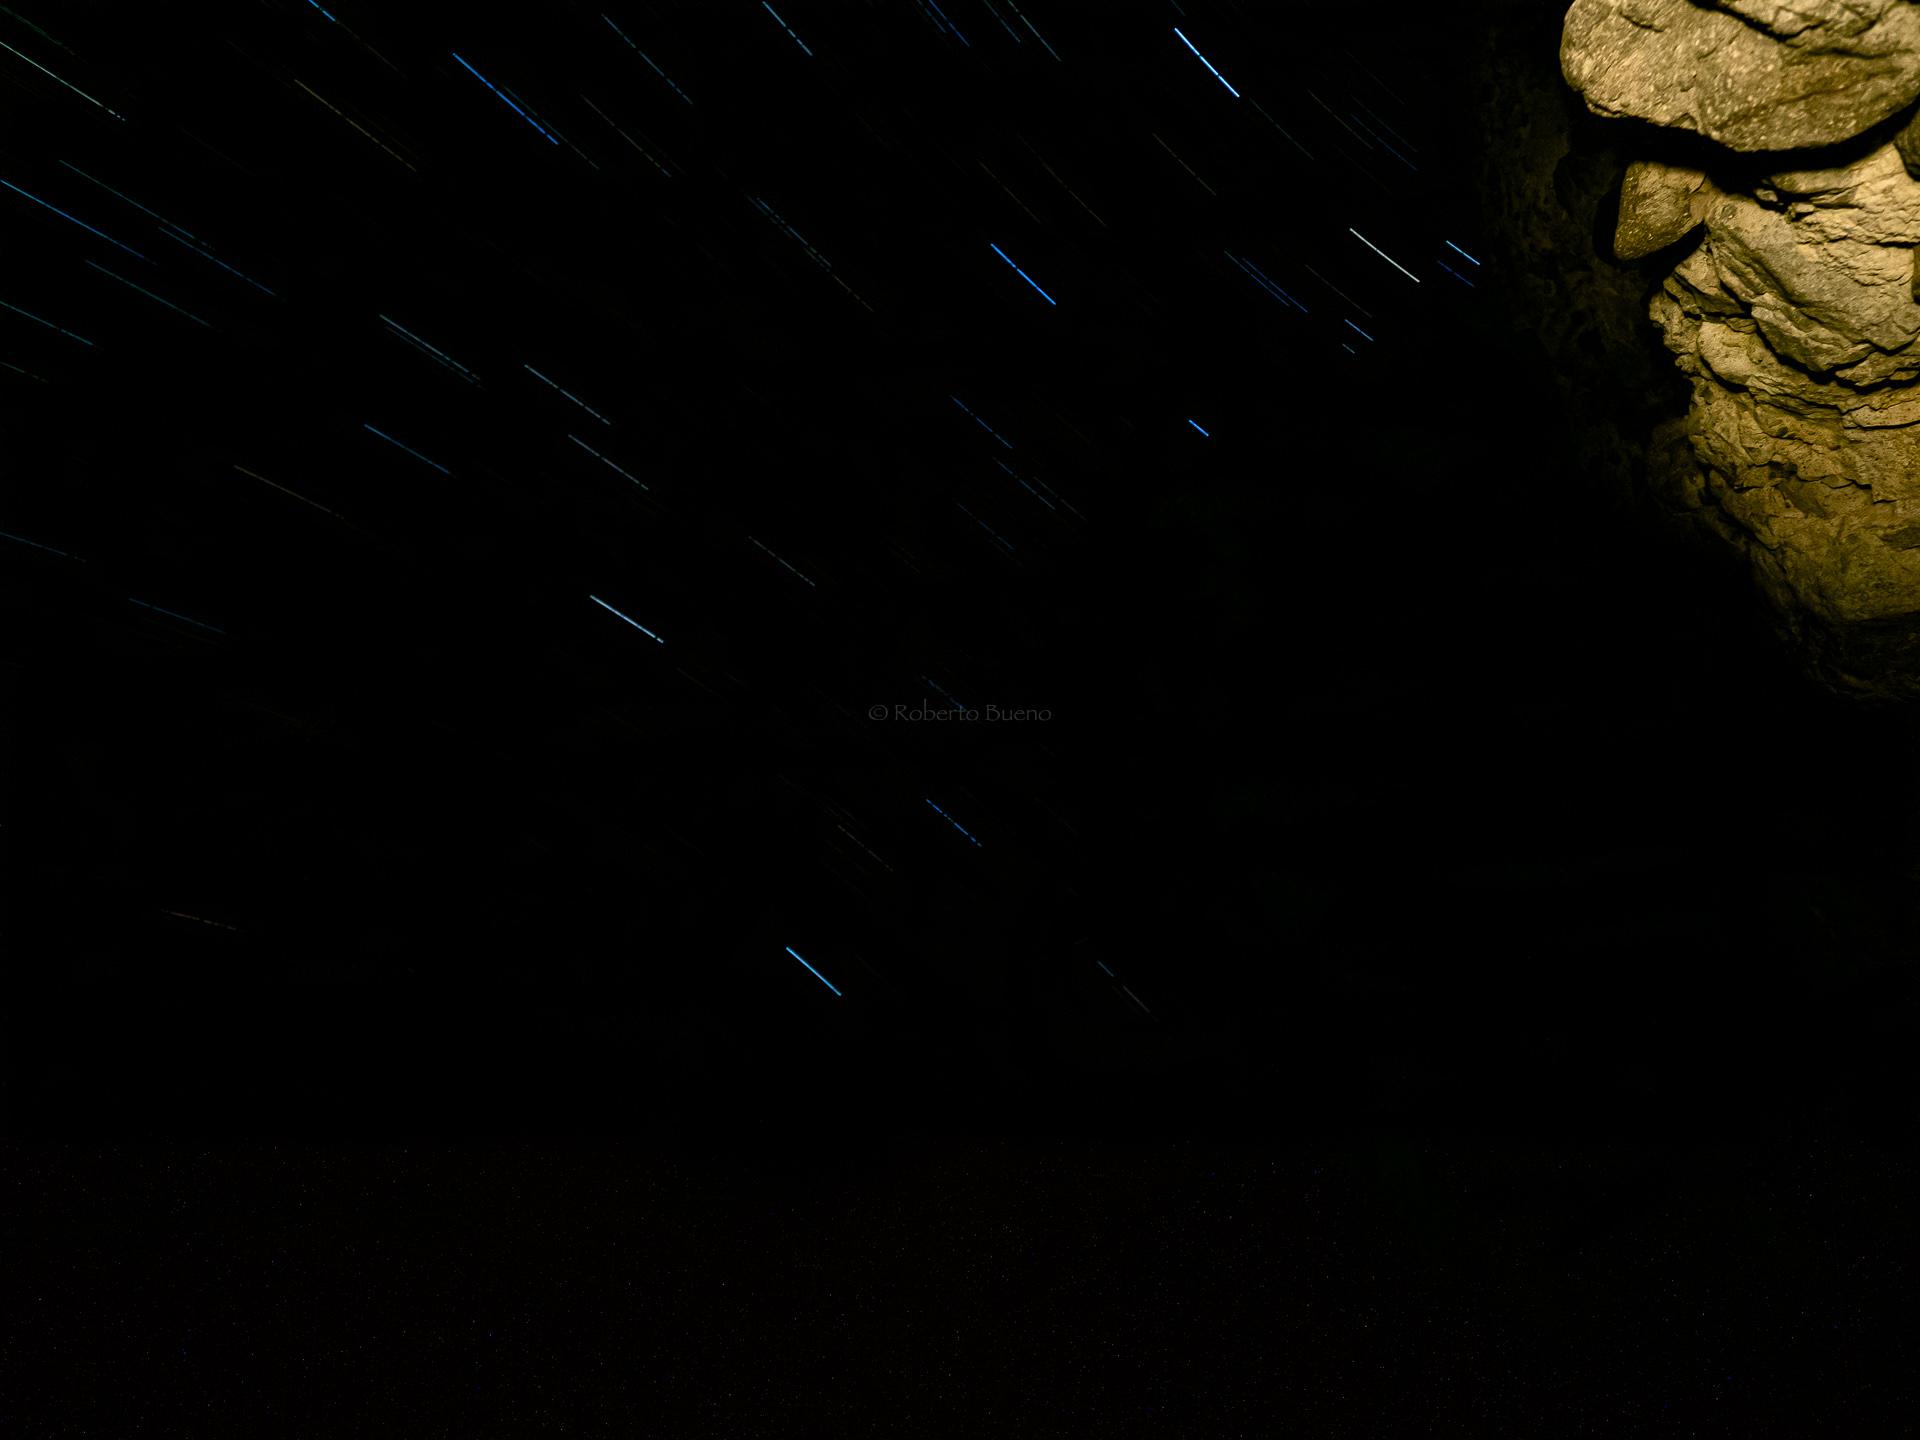 El viejo que miraba las estrellas - Luces en la noche - Luces en la Noche. Roberto Bueno. Fotografía de Naturaleza y viajes